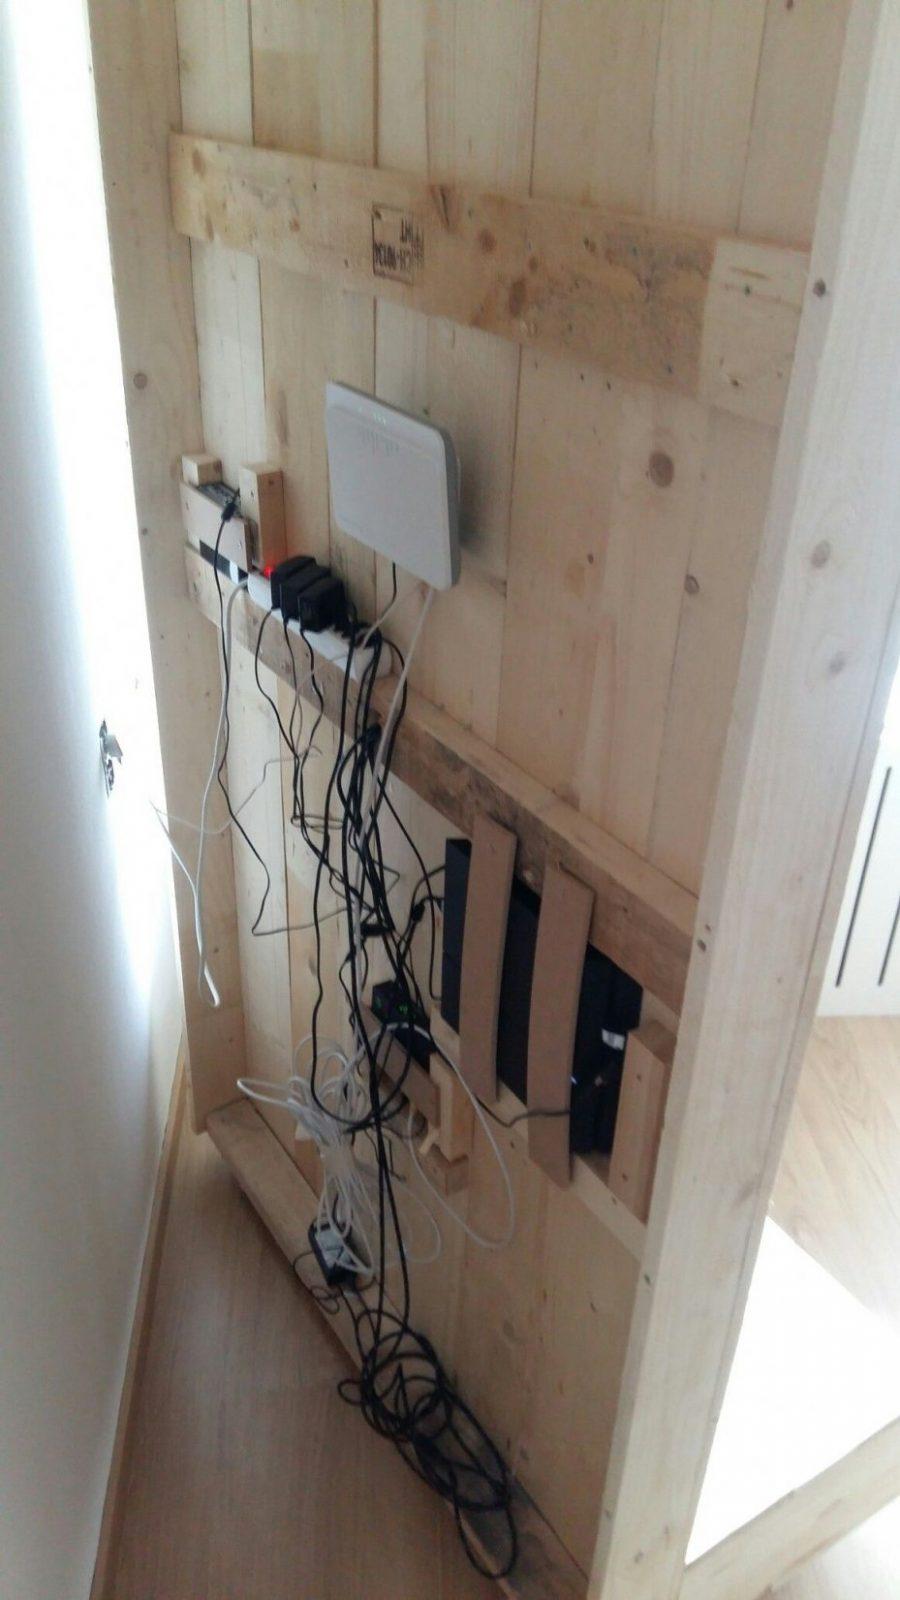 Tvrückwand Selbst Bauen Alle Kabel Verschwinden Hinter Der von Holzwand Wohnzimmer Selber Bauen Bild